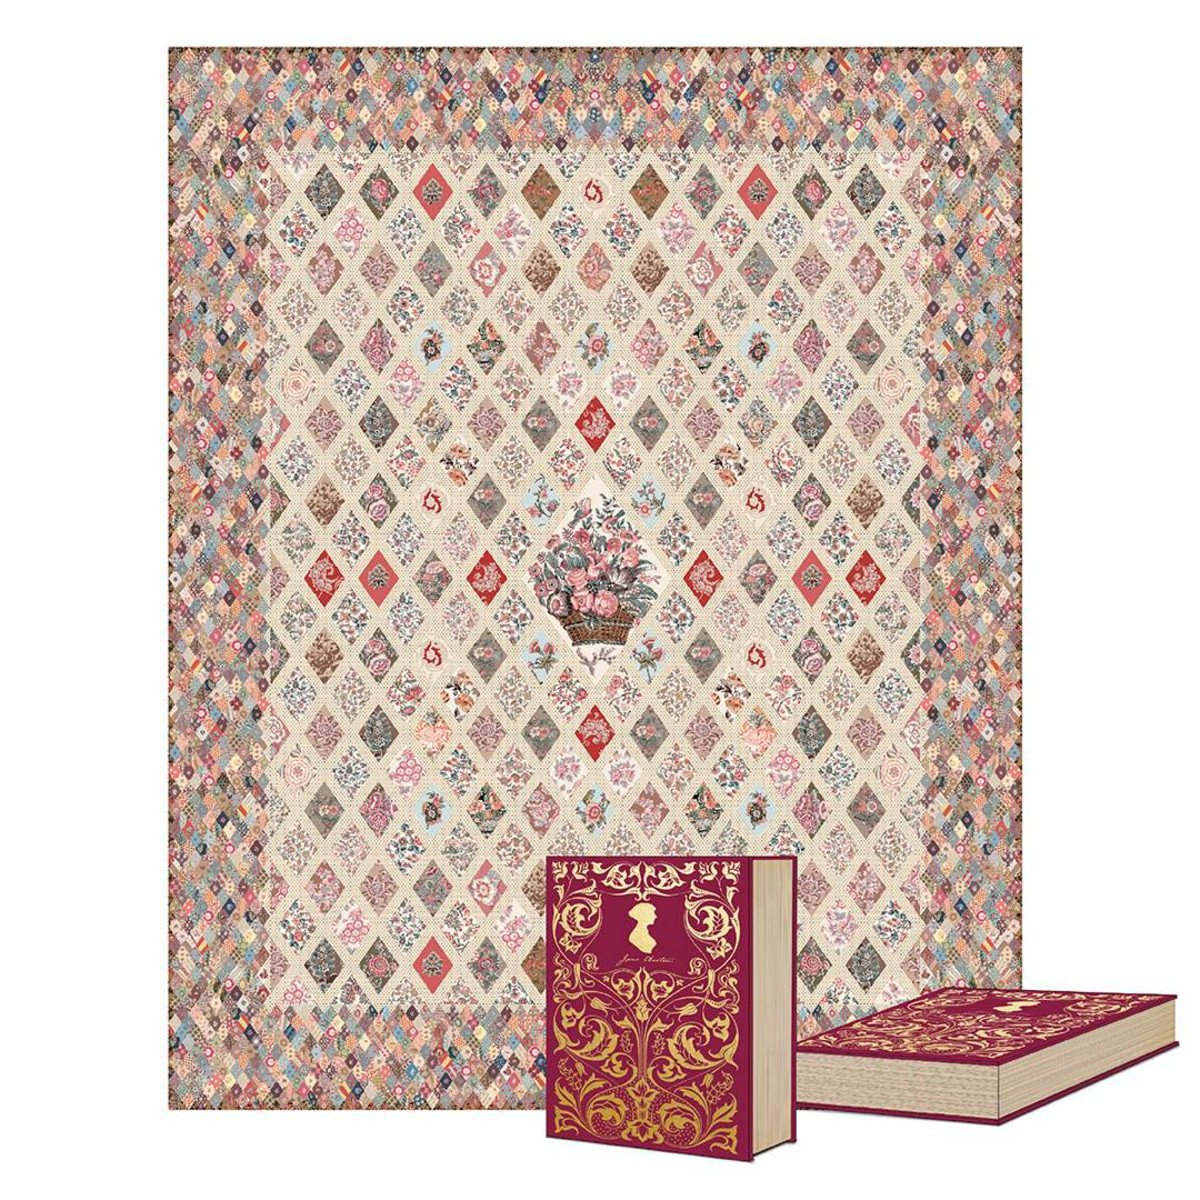 Jane Austen Coverlet Kit